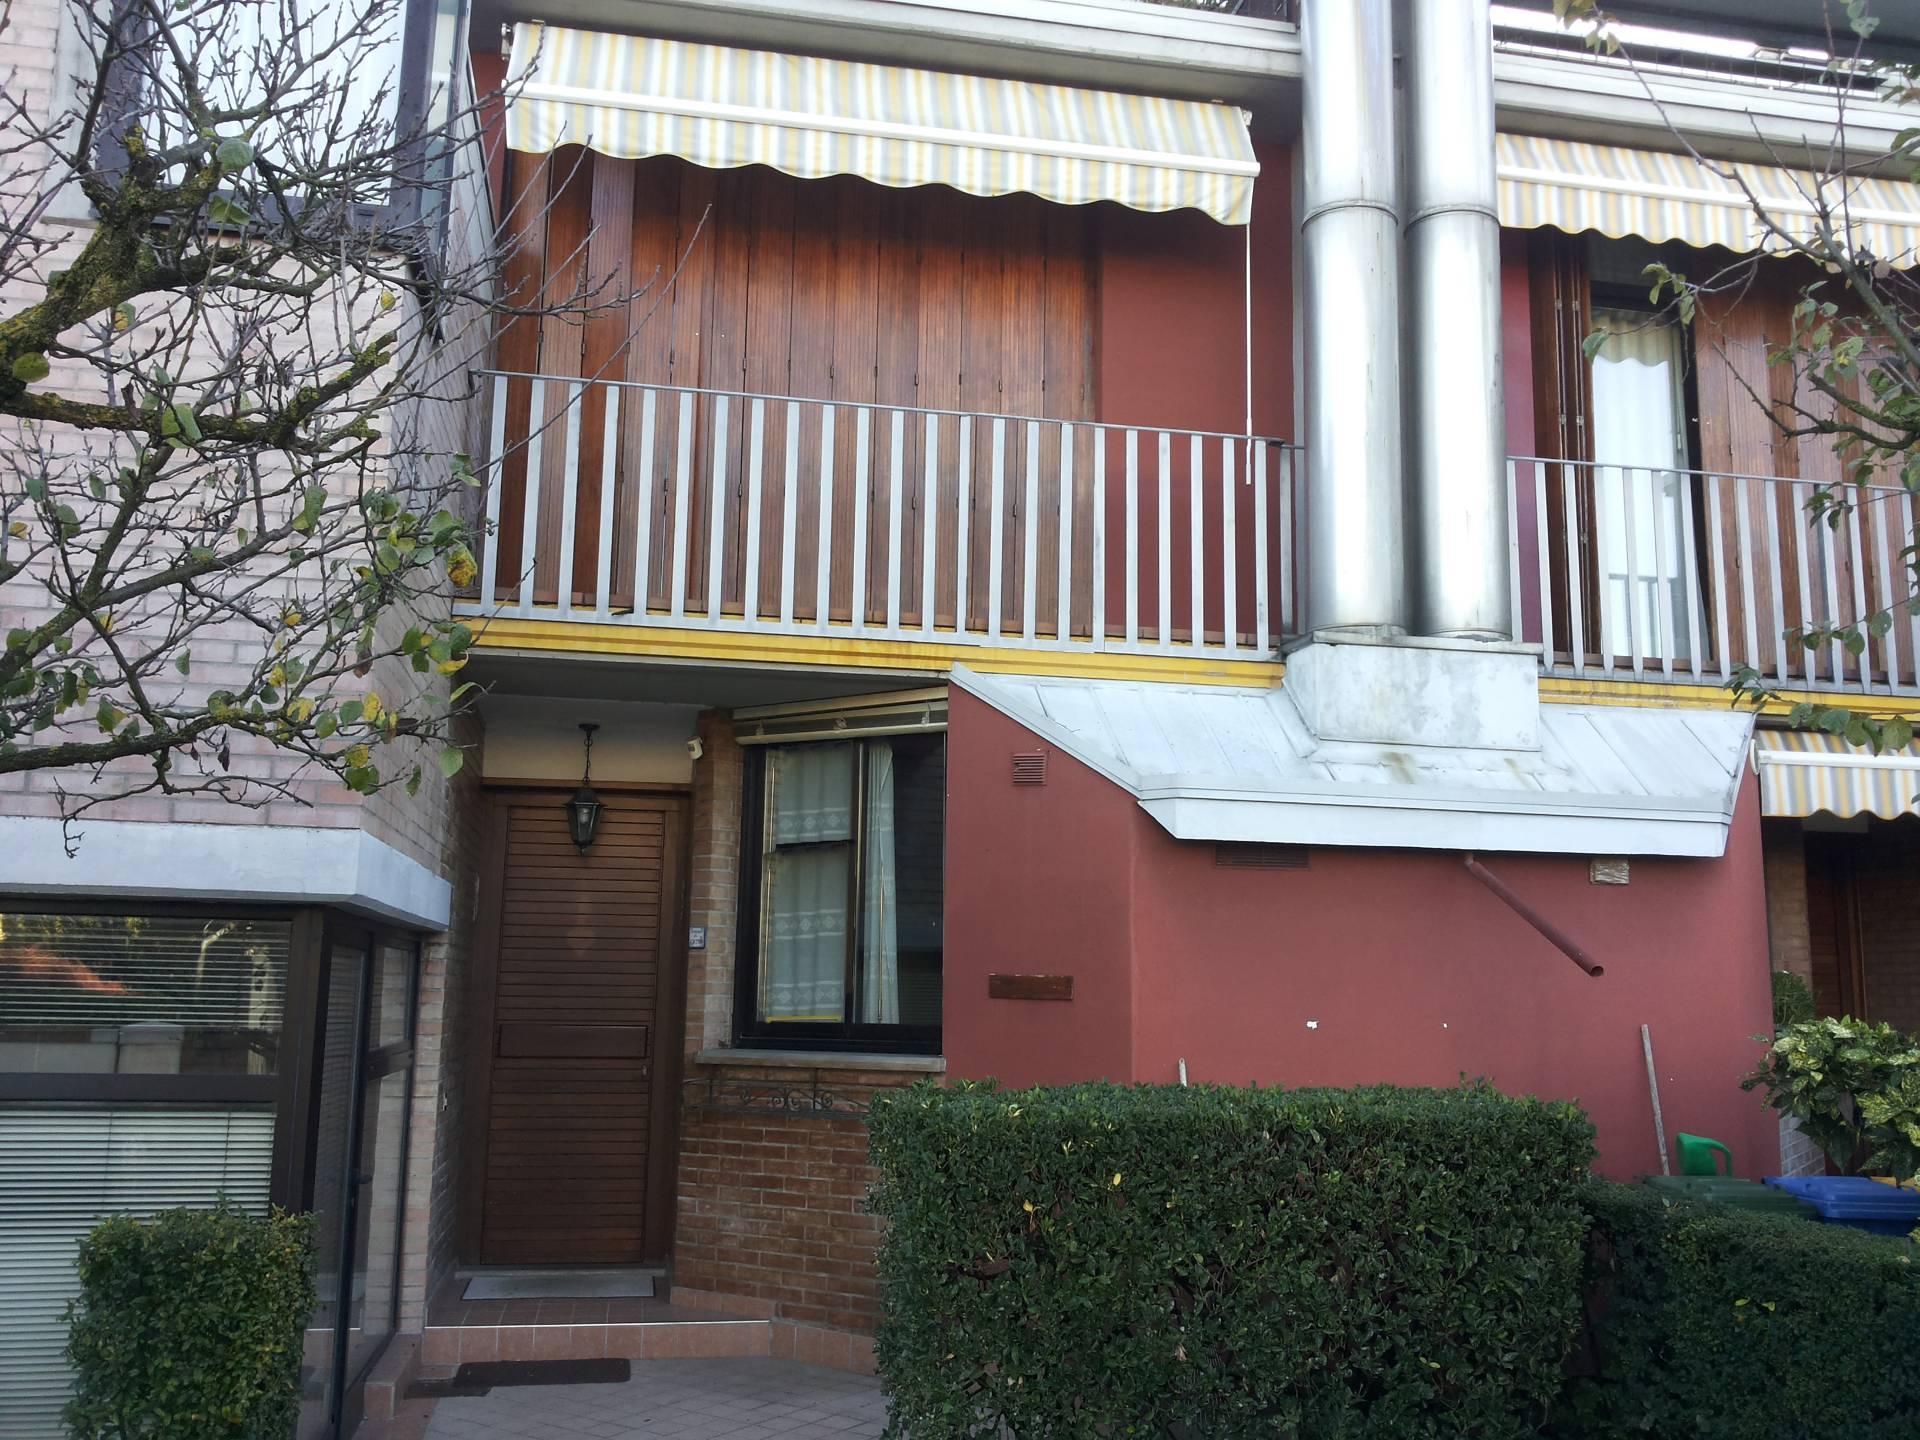 Villa a Schiera in vendita a Casier, 7 locali, zona Località: DossondiCasier, prezzo € 205.000 | CambioCasa.it